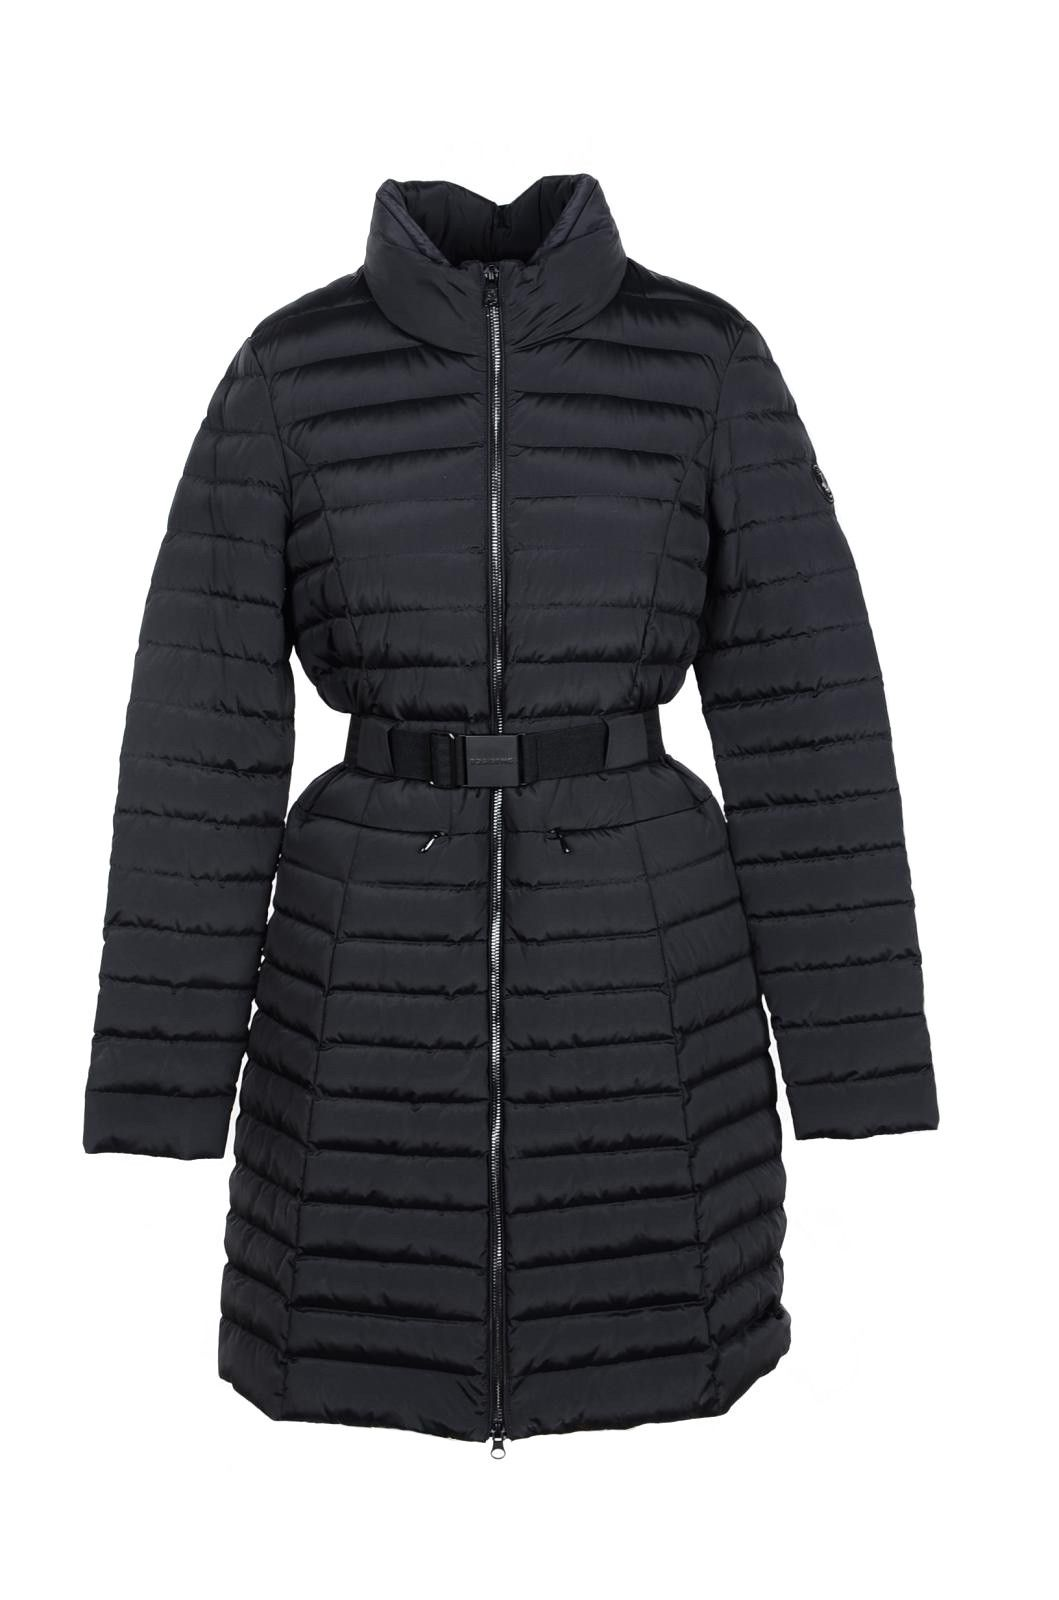 Bosideng Women's Jacket In Black